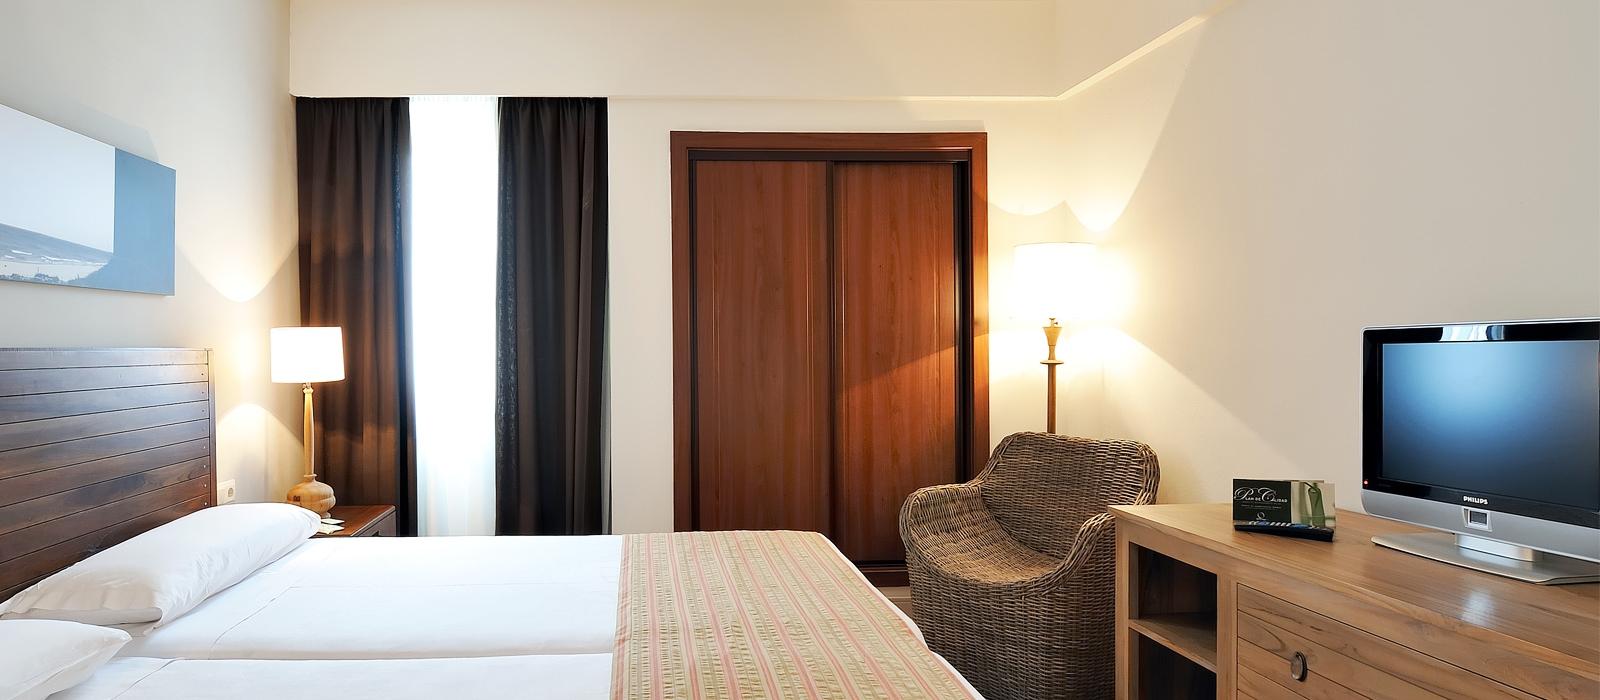 Chambres Hôtel Cadix Costa Golf - Vincci Hoteles - Junior Suite